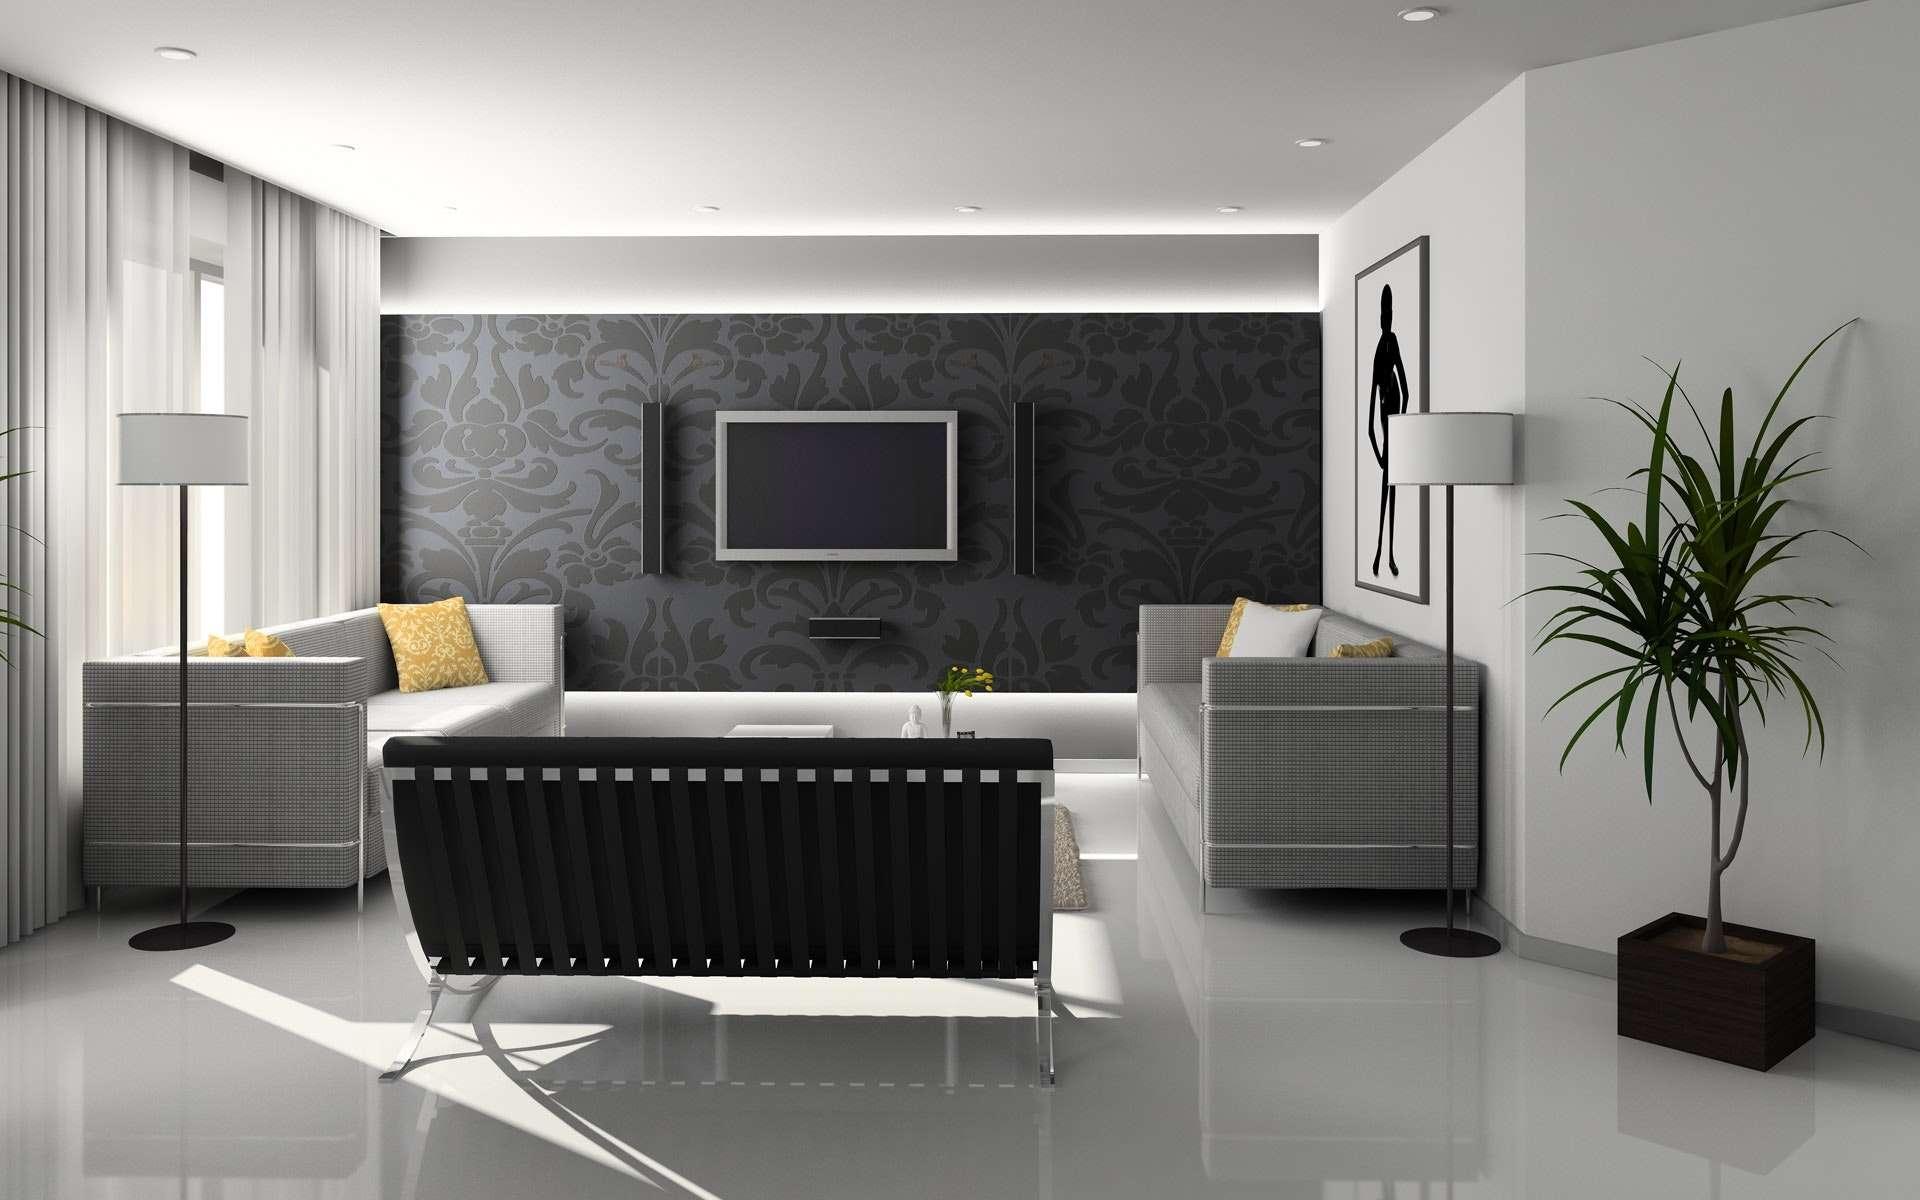 apartment-chair-clean-contemporary-279719.jpg